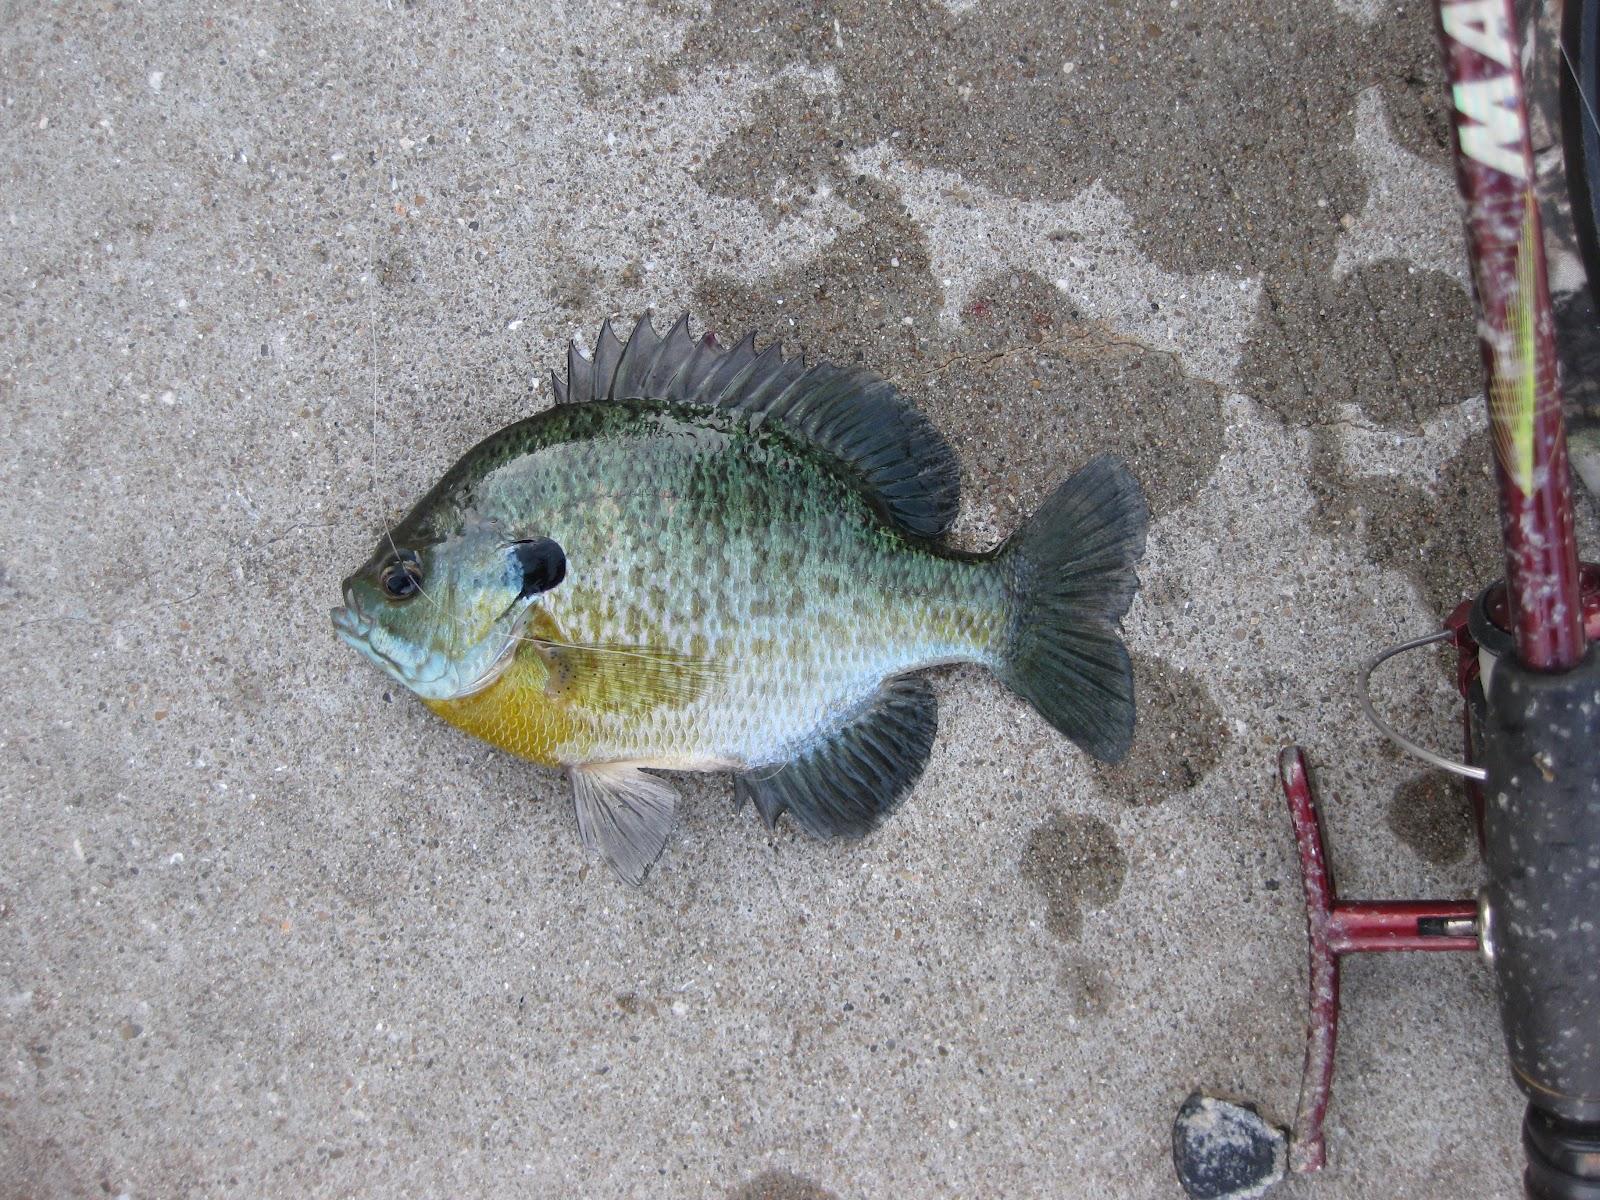 Lake erie fishing blog bluegills biting in presque isle bay for Presque isle bay fishing report